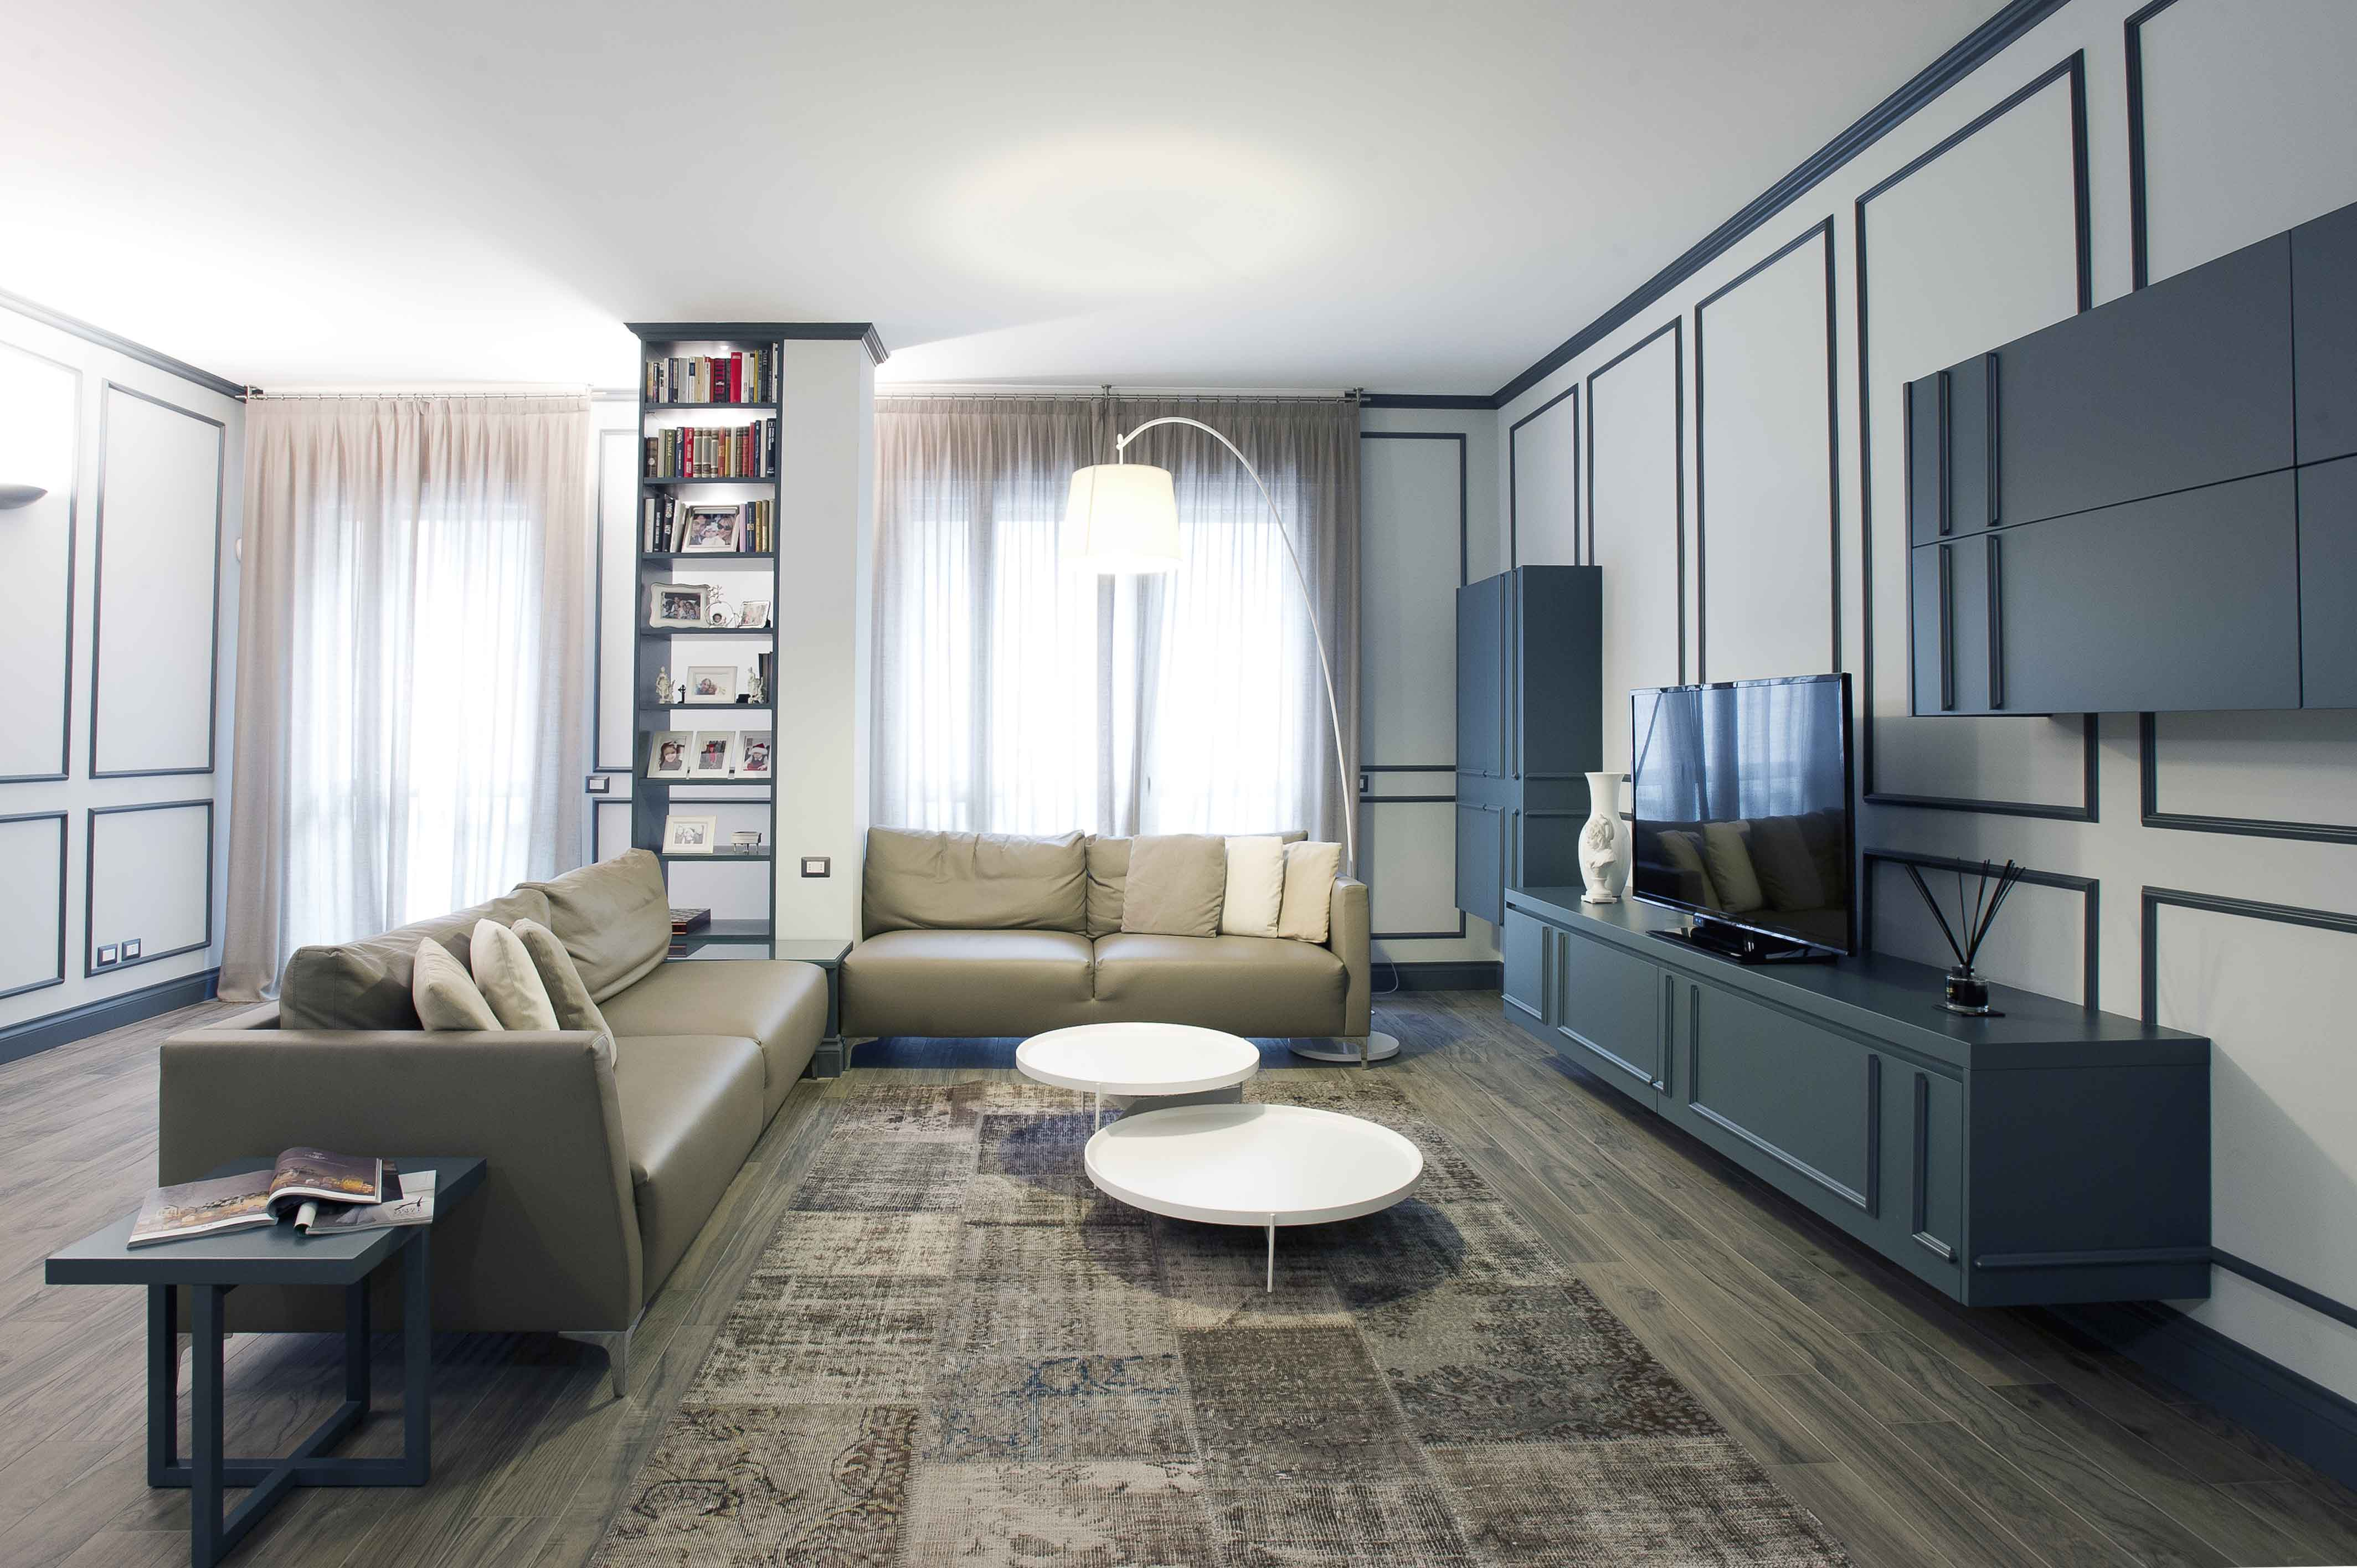 Una nuova sfida per andrea castrignano for Interior design agency milano